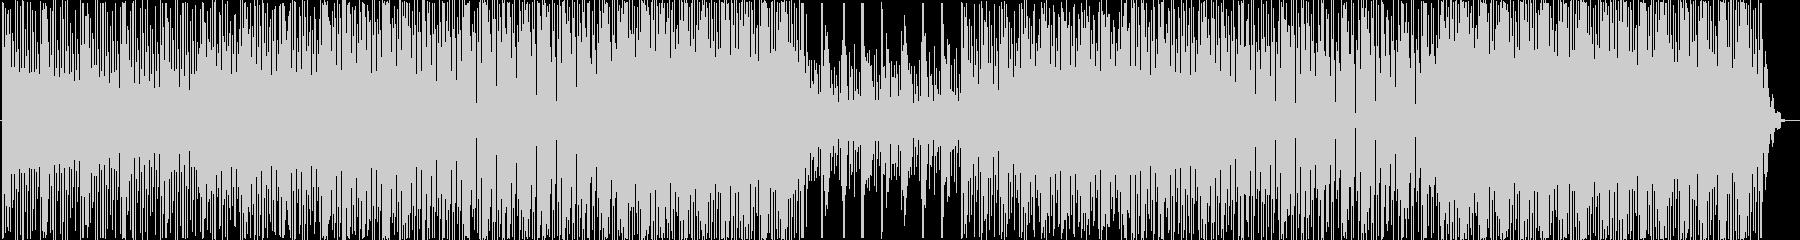 エレクトロニカテイストのBGMの未再生の波形